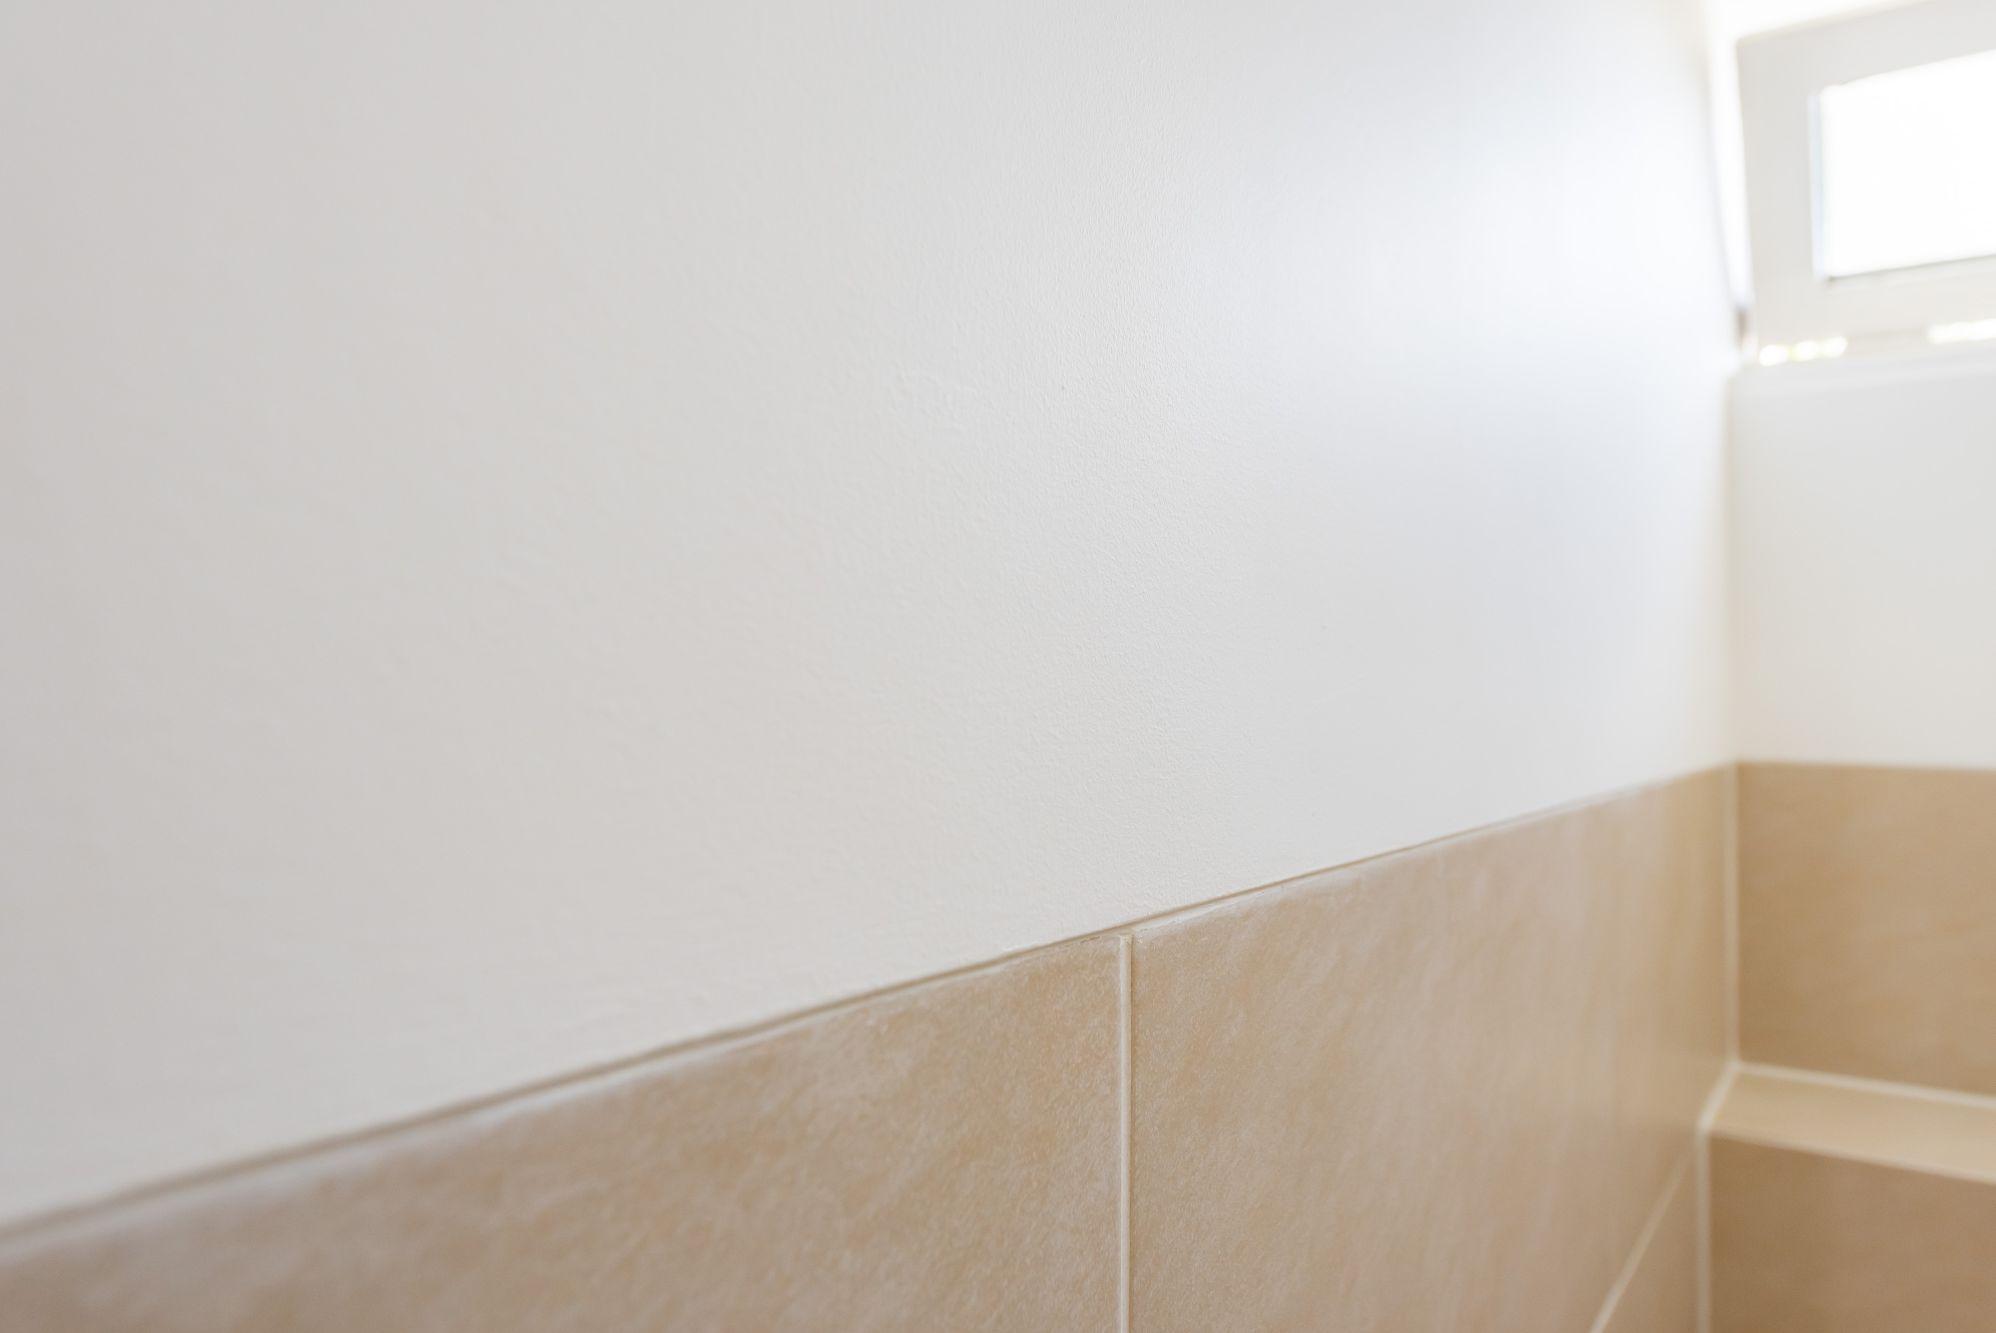 wand wc gelijk met tegelwerk glad stucwerk